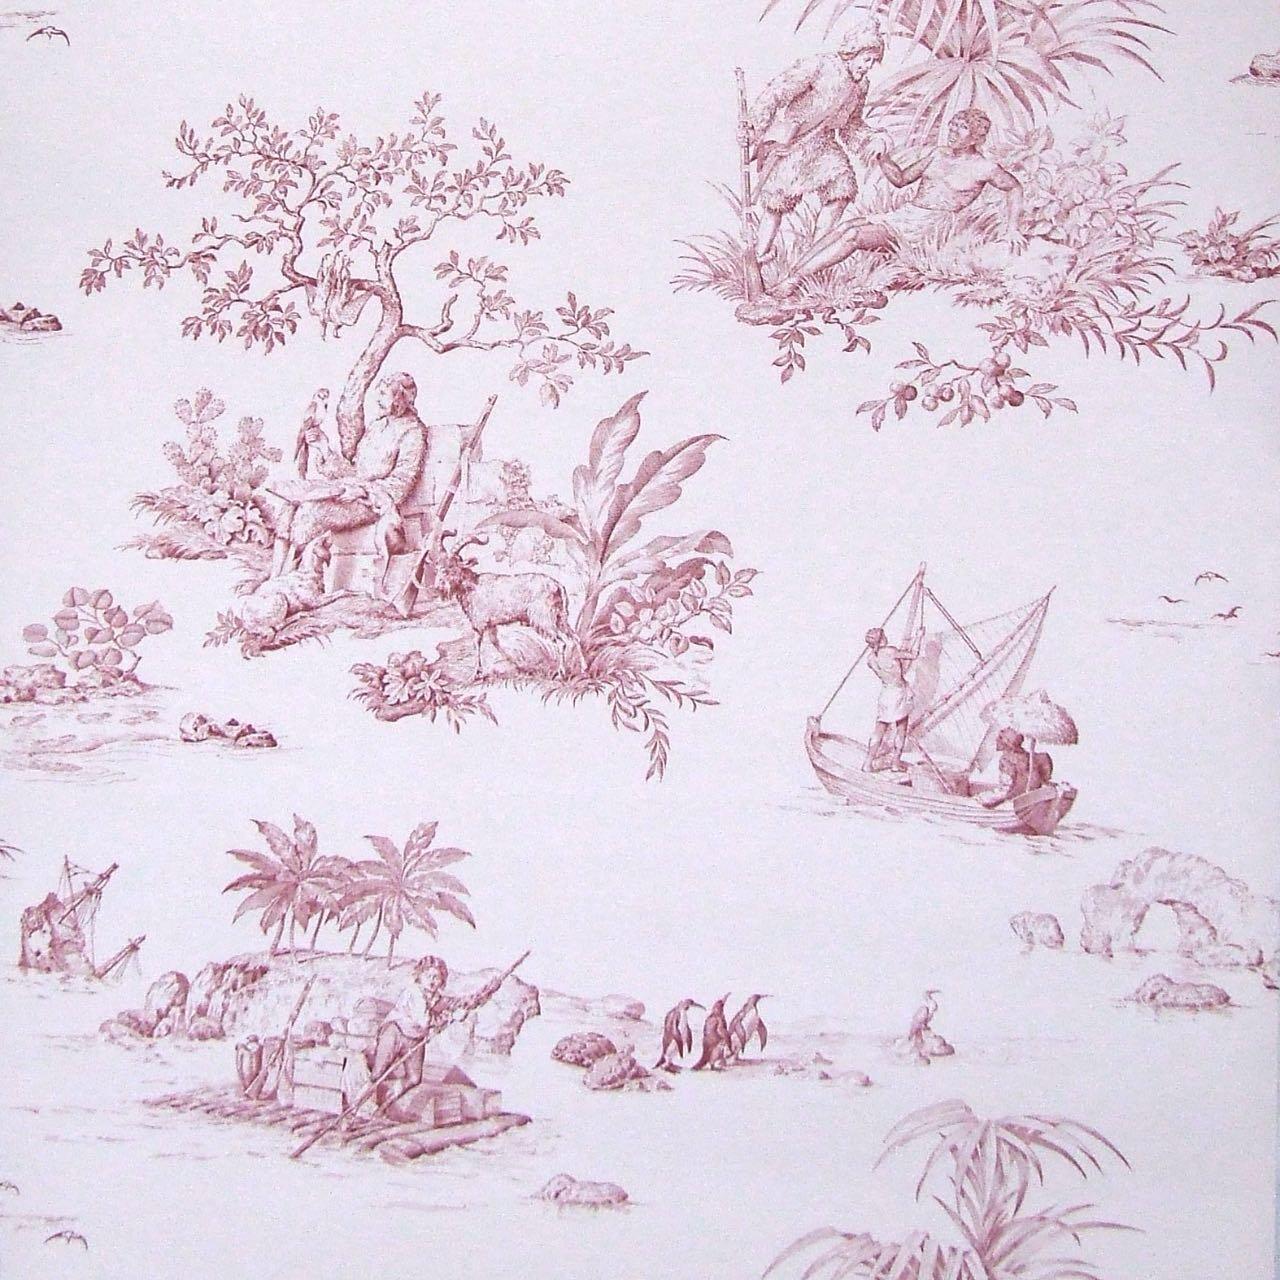 フランス壁紙 1ロール(10m) トワル・ド・ジュイ デザイン 《ロビンソン・クルーソー》 レッド